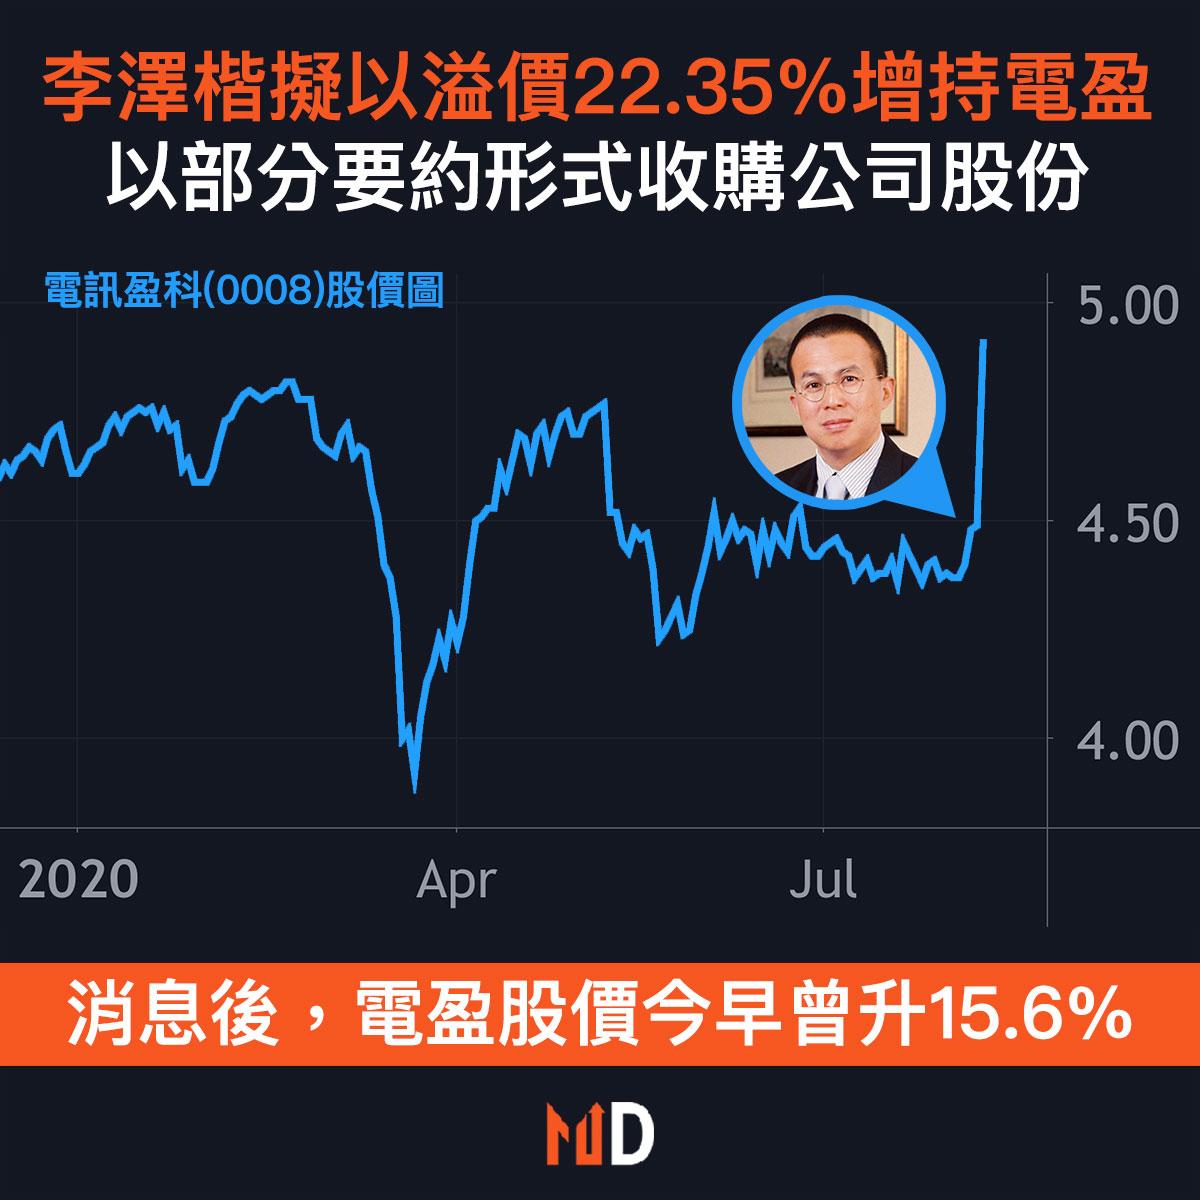 【市場熱話】李澤楷擬以溢價22.35%增持電訊盈科,以部分要約形式收購公司股份